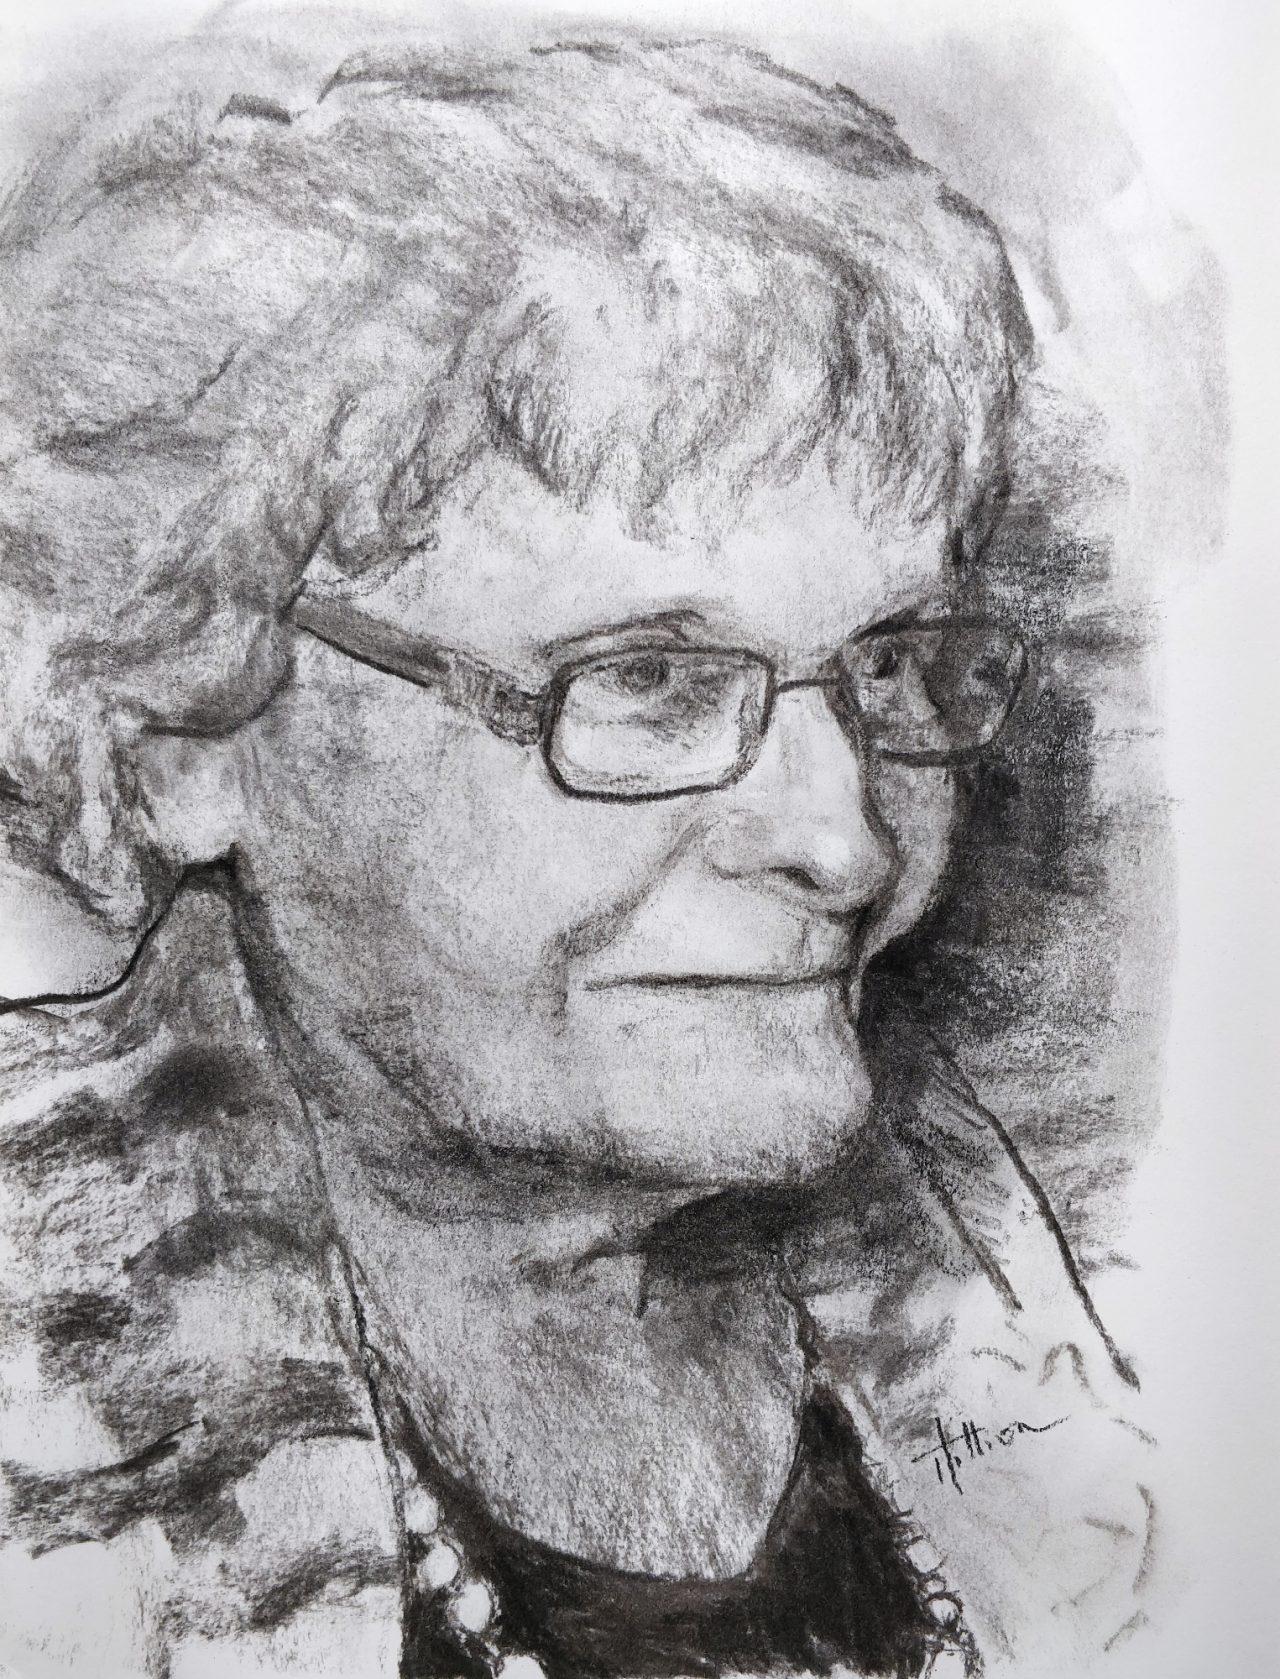 Antonia M. - Les visages de notre histoire